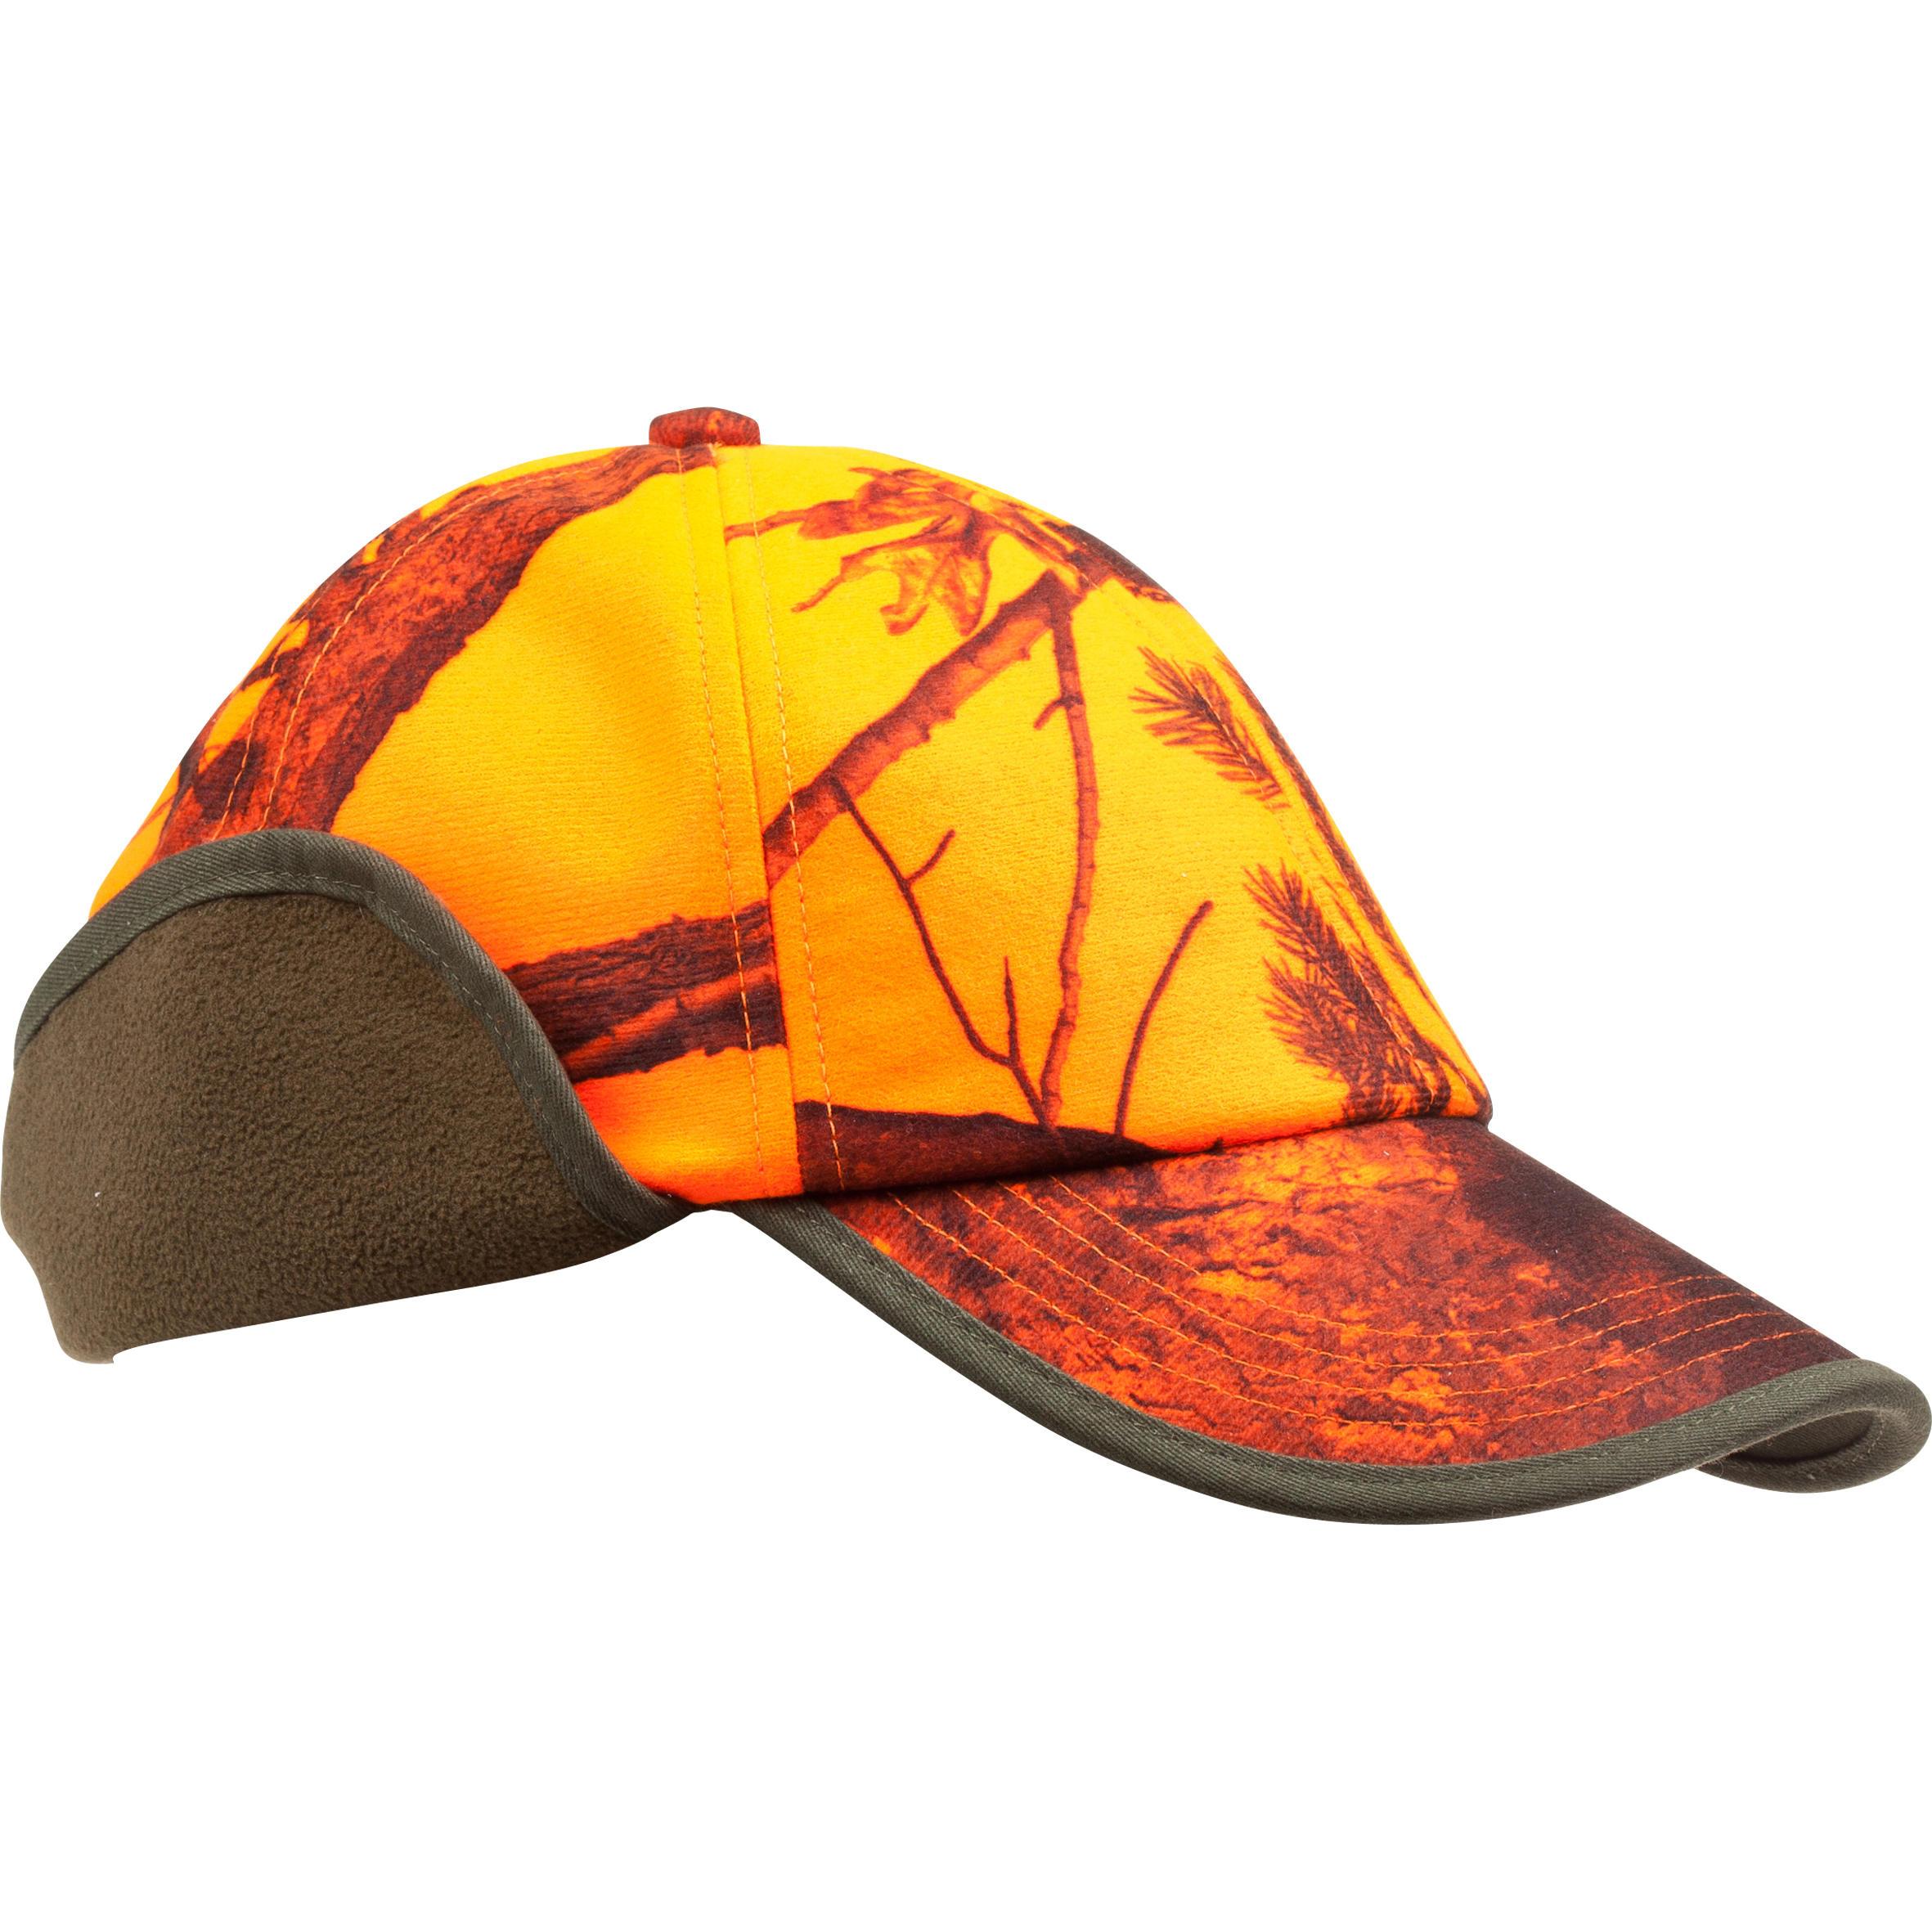 Şapcă rabatabilă camuflaj